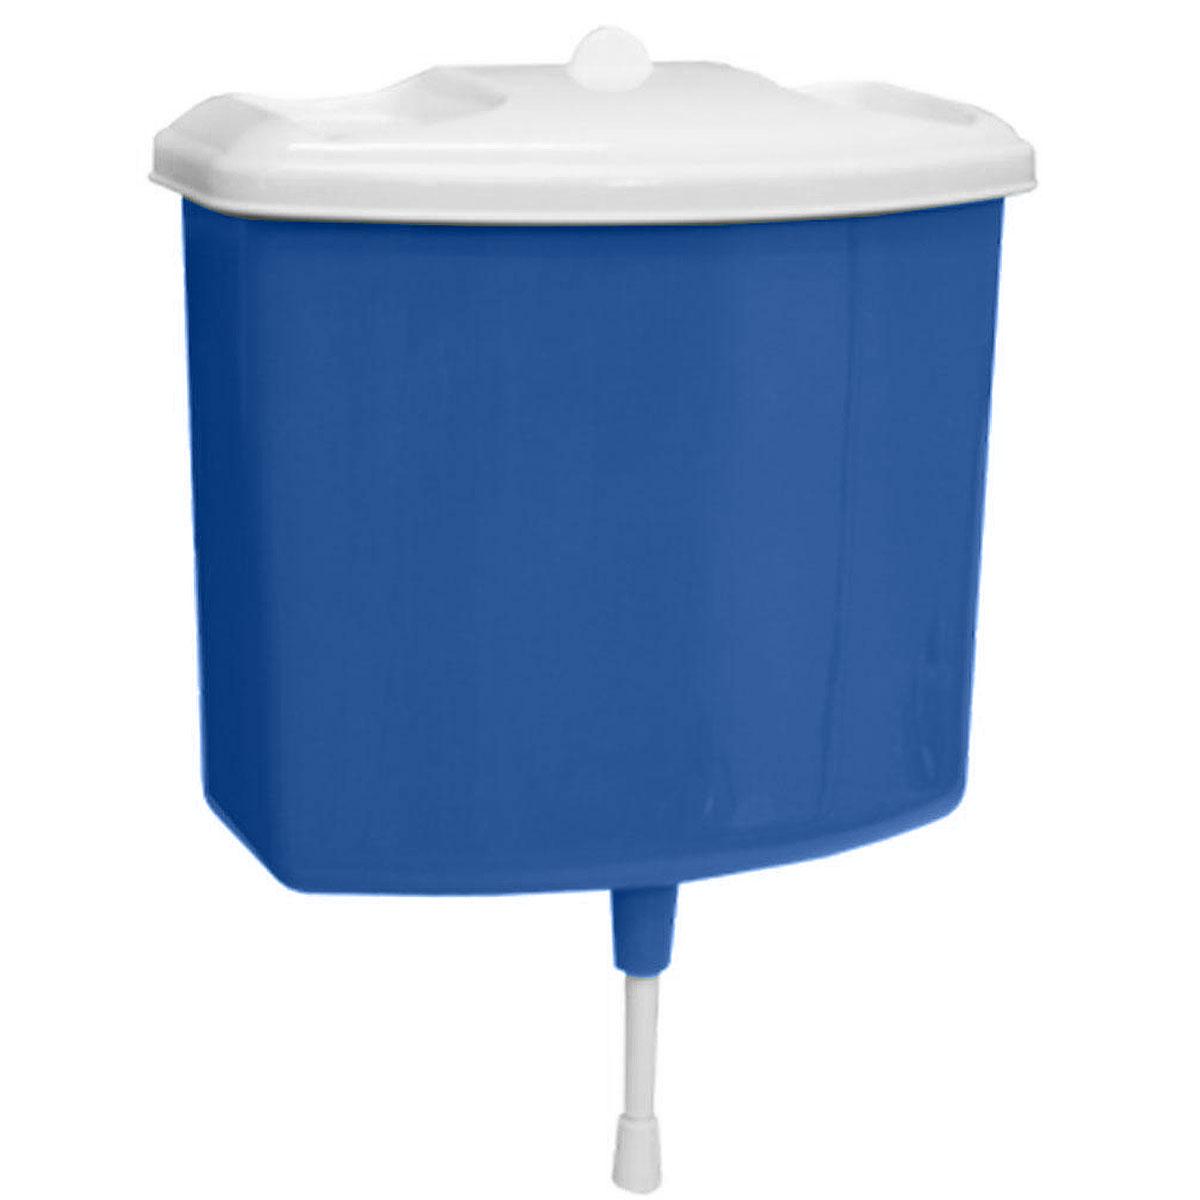 Рукомойник Альтернатива, цвет: синий, 5 лBH0119-RРукомойник Альтернатива изготовлен из пластика. Он предназначен для умывания в саду или на даче. Яркий и красочный, он отлично впишется в окружающую обстановку. Петли предоставляют вертикальное крепление рукомойника. Рукомойник оснащен крышкой, которая предотвращает попадание мусора. Также на крышке имеет две выемки для мыла.Рукомойник Альтернатива надежный и удобный в использовании. Размер рукомойника: 26,5 см х 15 см. Высота (без учета крышки): 23 см.